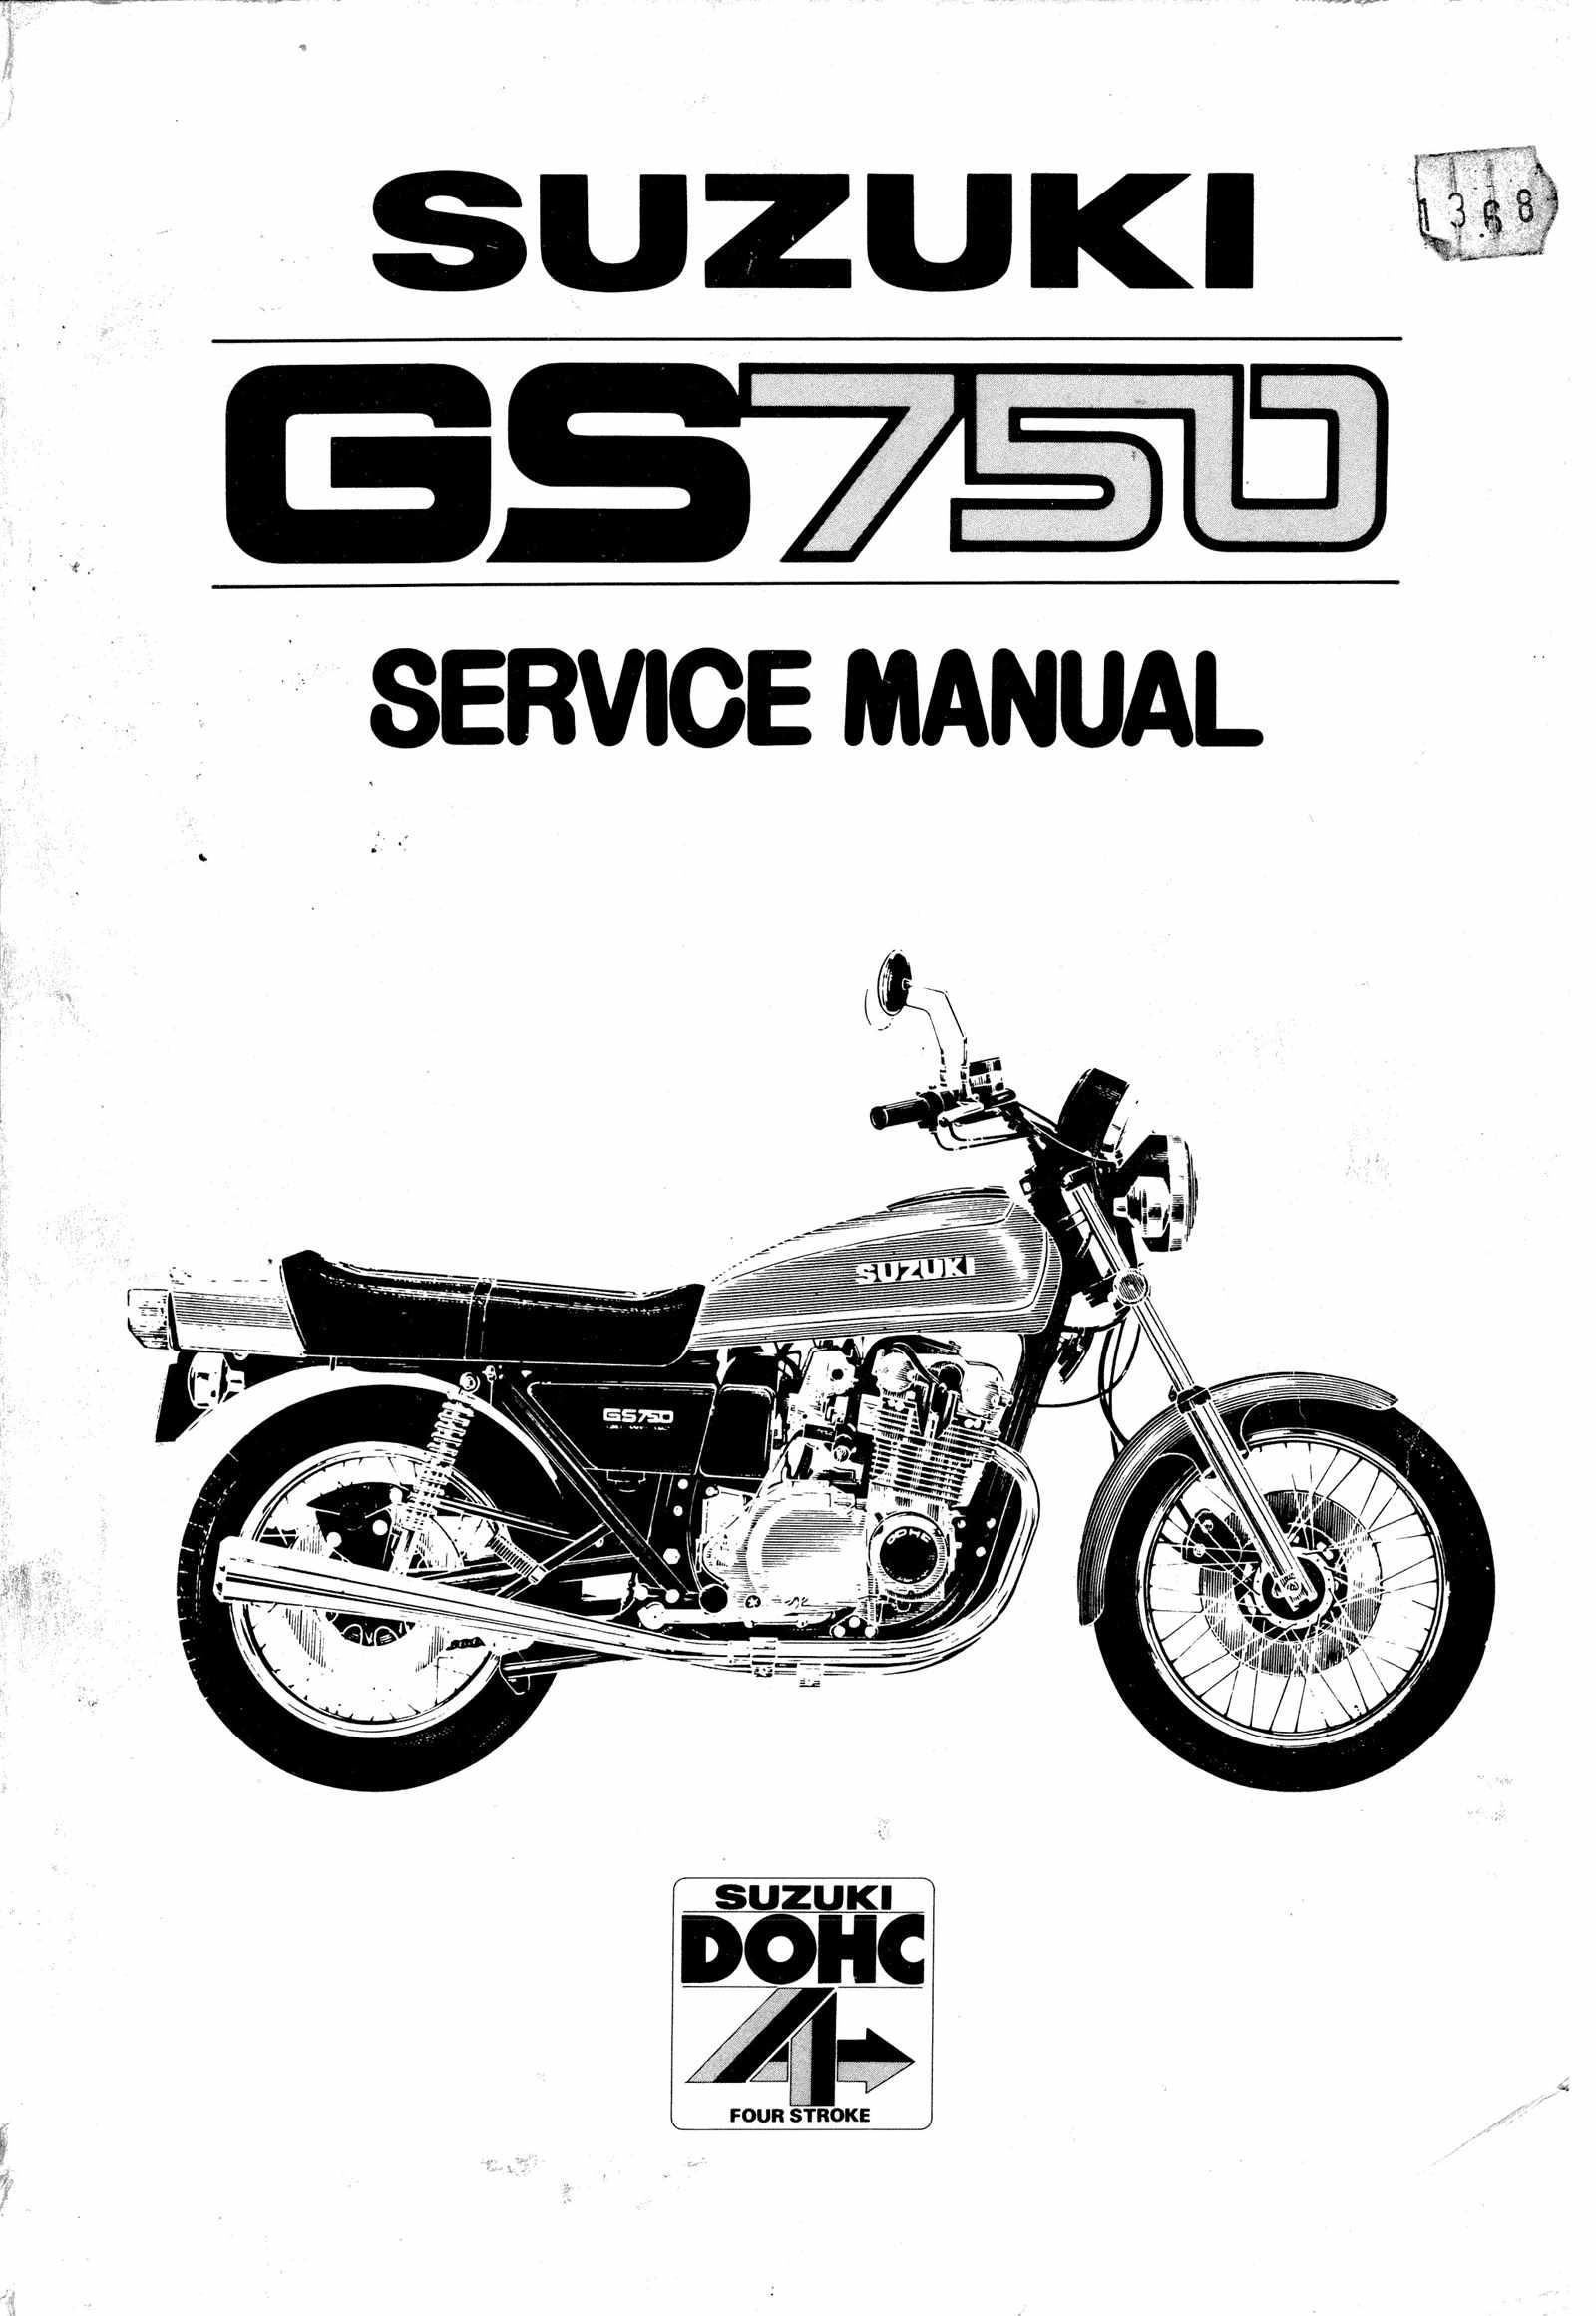 Suzuki GS750 GS750E Service Manual Free Download